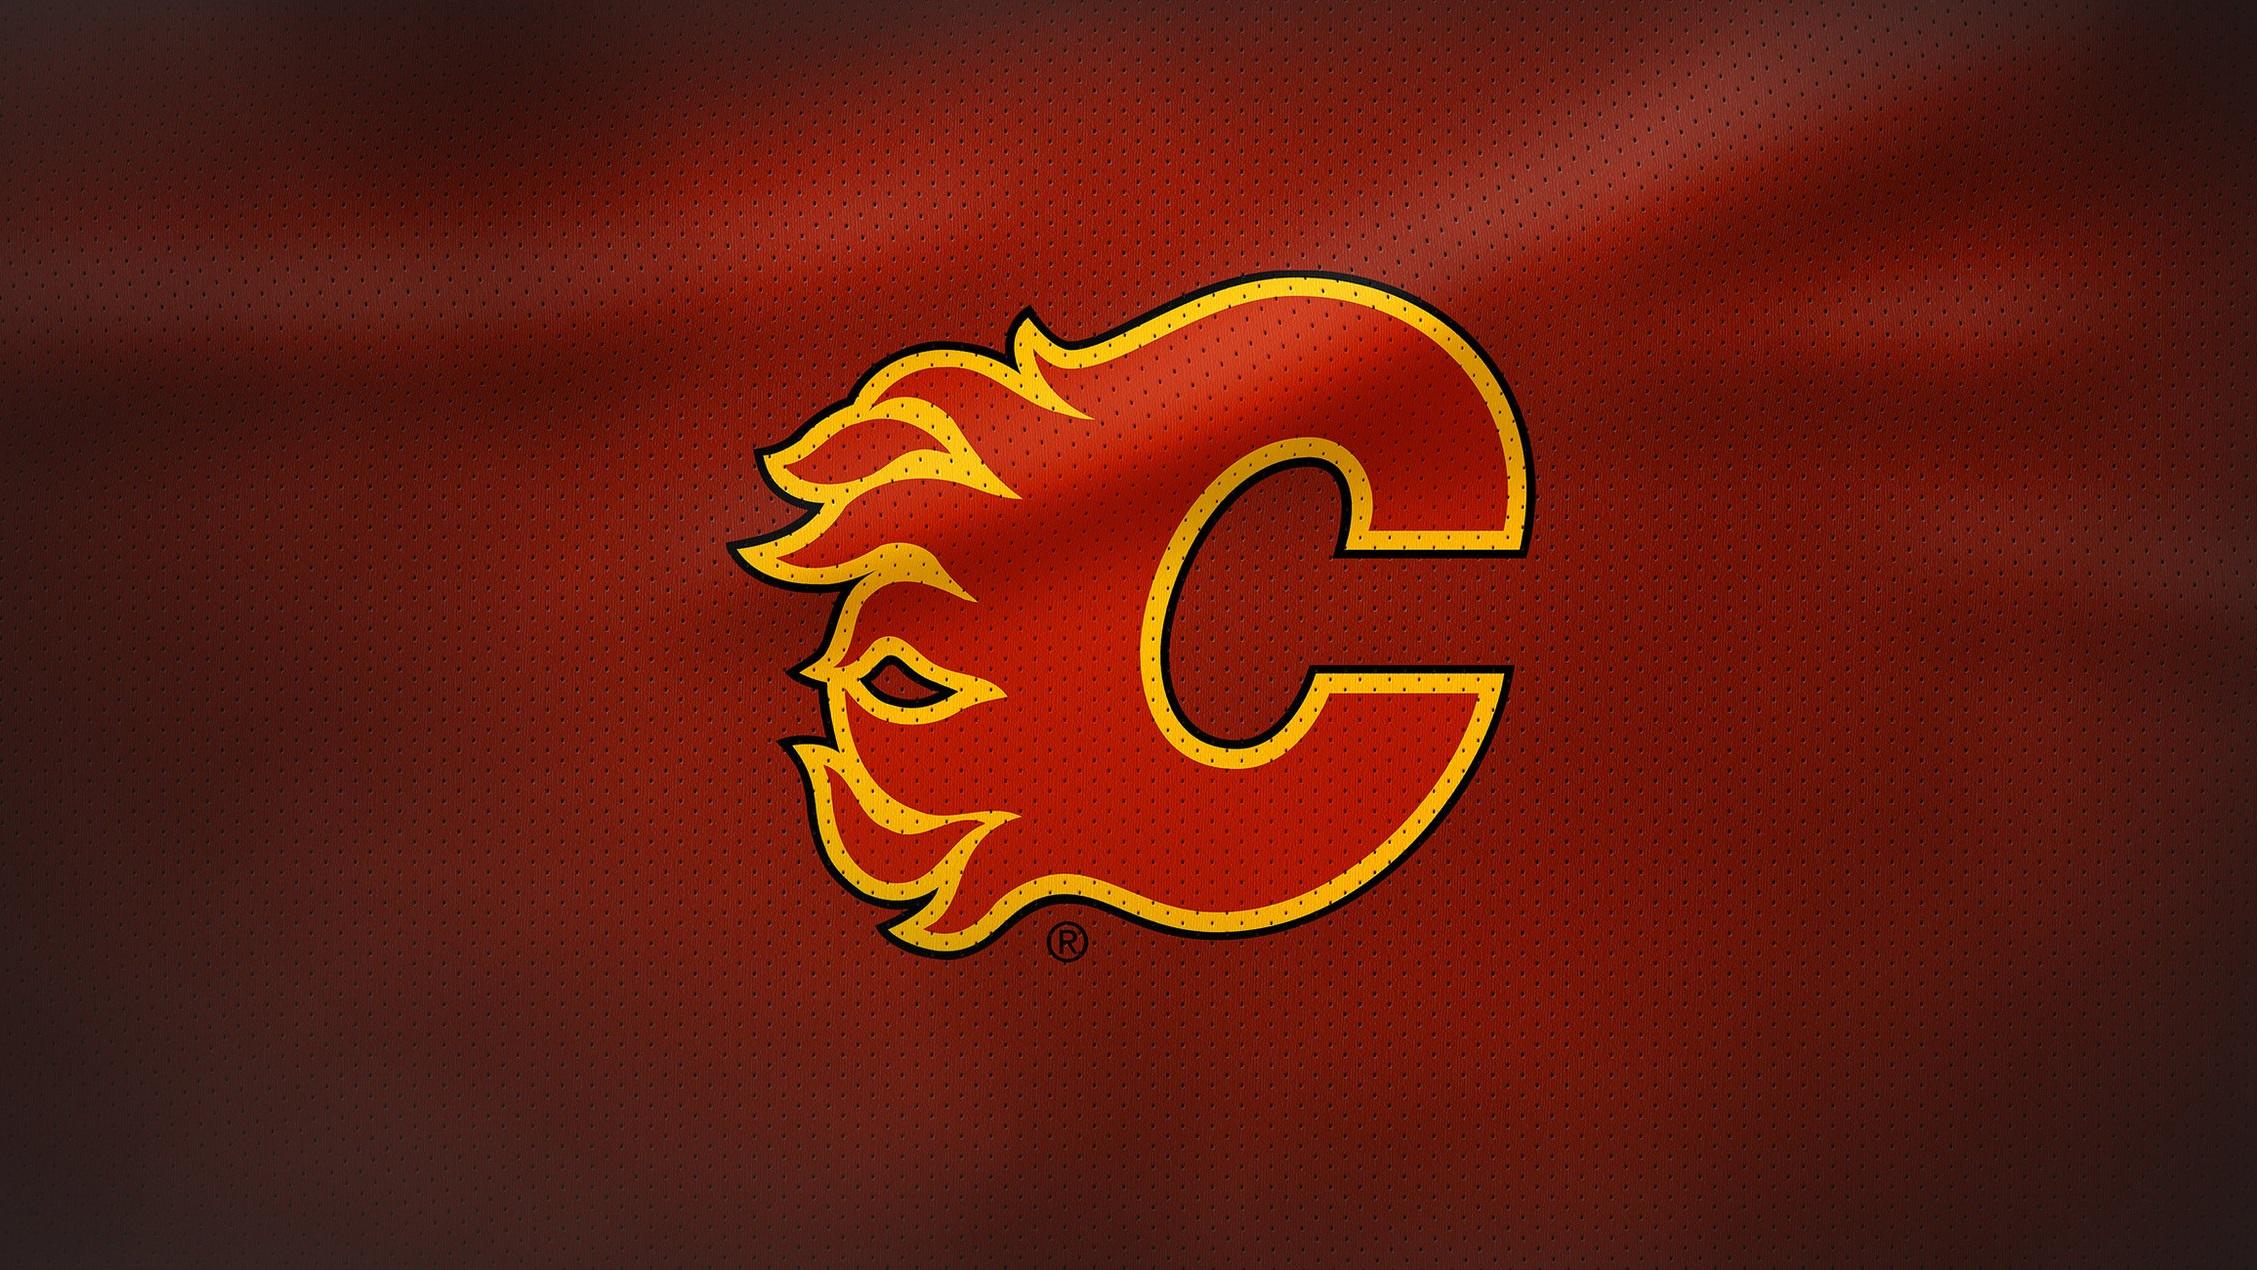 Rivalmöten - Vancouver Canucks största rivalitet är till en annan klubb belägen i Kanada - nämligen Calgary Flames. De båda klubbarna har tillhört samma division, Pacific, och mötts i heta drabbningar sedan säsongen 1981/1982. Klubbarna har mötts i slutspelssammanhang vid sju tilfällen och det är klar fördel Calgary i den statistiken.